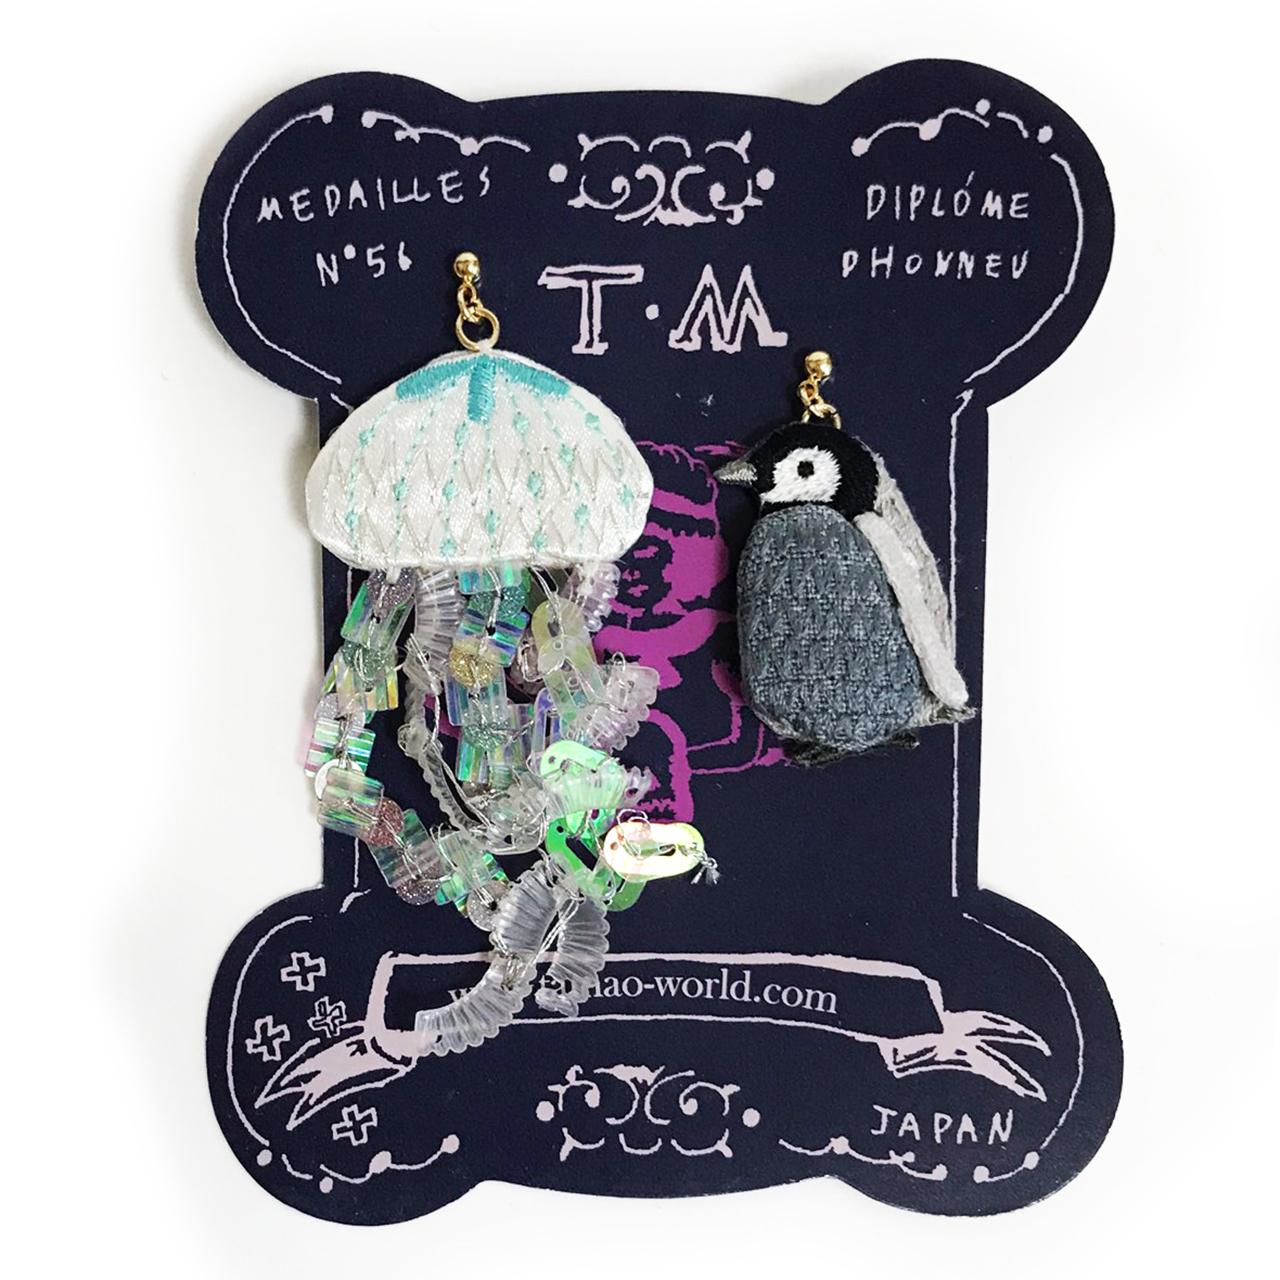 刺繍ピアス Jellyfish and child penguin